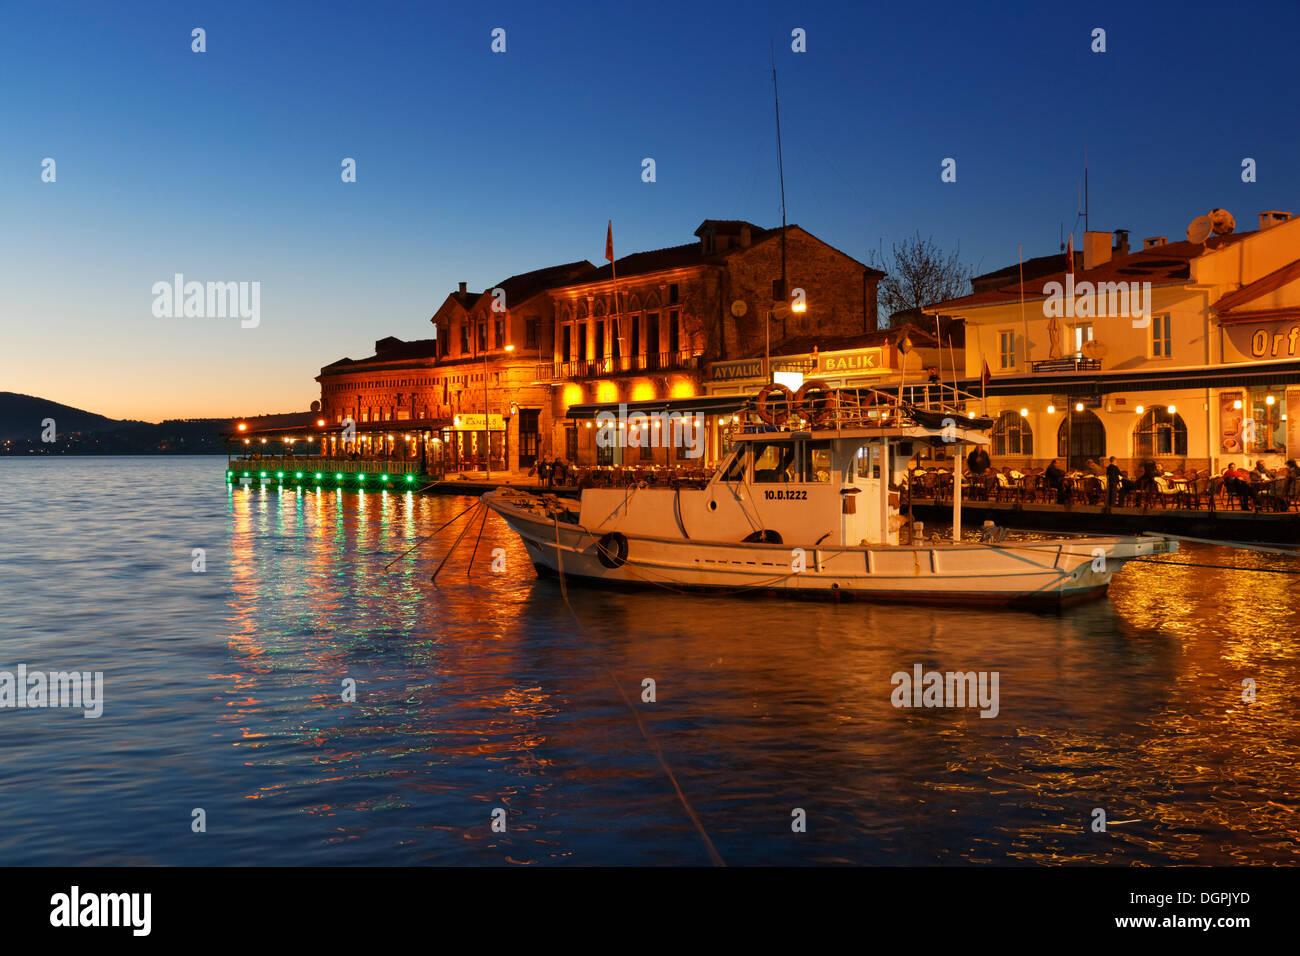 Fishing port, Ayvalik, Ägäisches Meer, Provinz Balikesir, Ägäis, Turkey - Stock Image